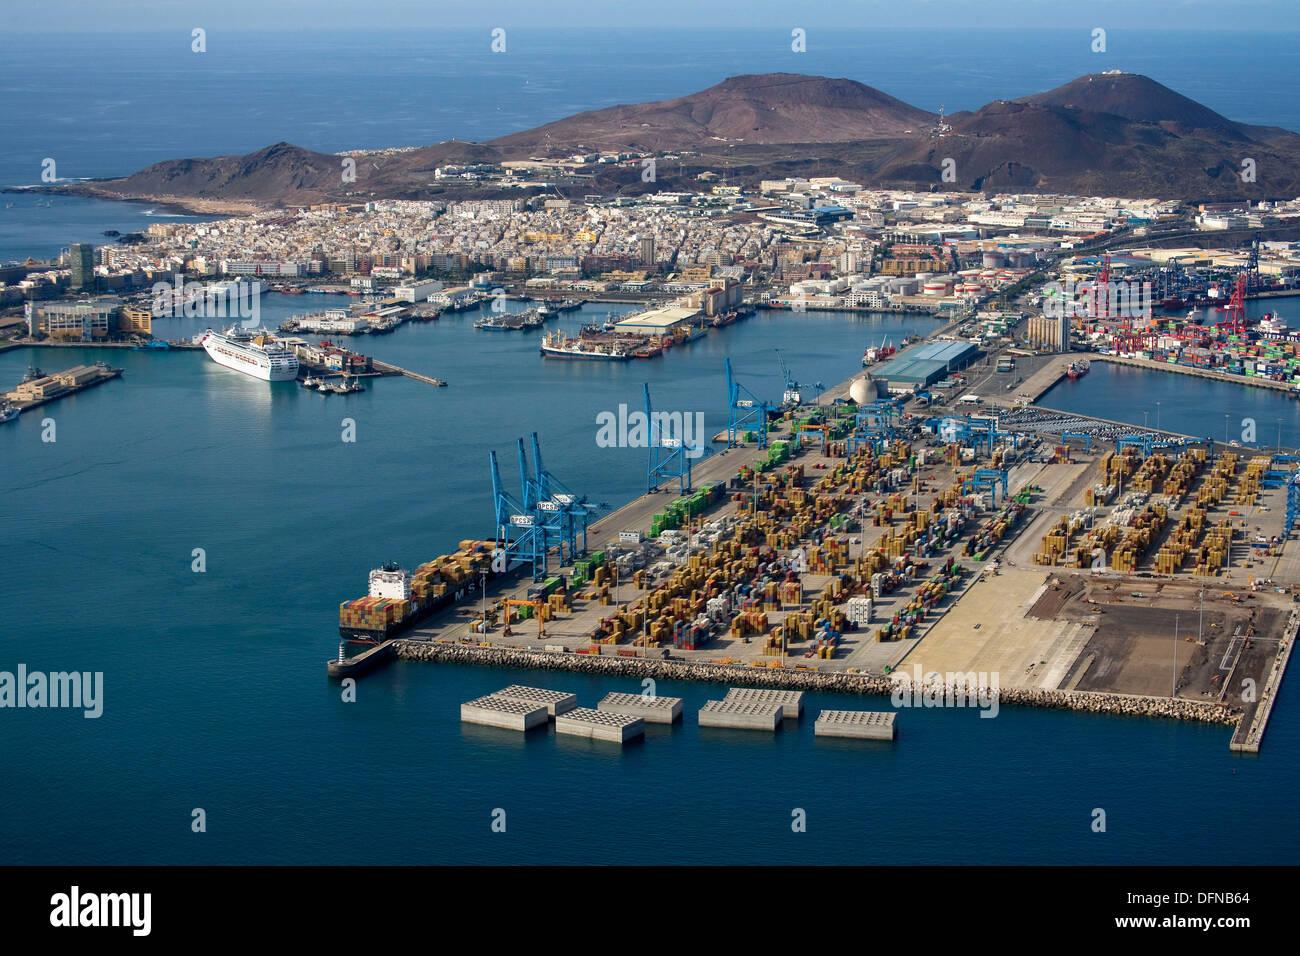 Puerto de la luz harbour las palmas de gran canaria gran canaria stock photo royalty free - Port of las palmas gran canaria ...